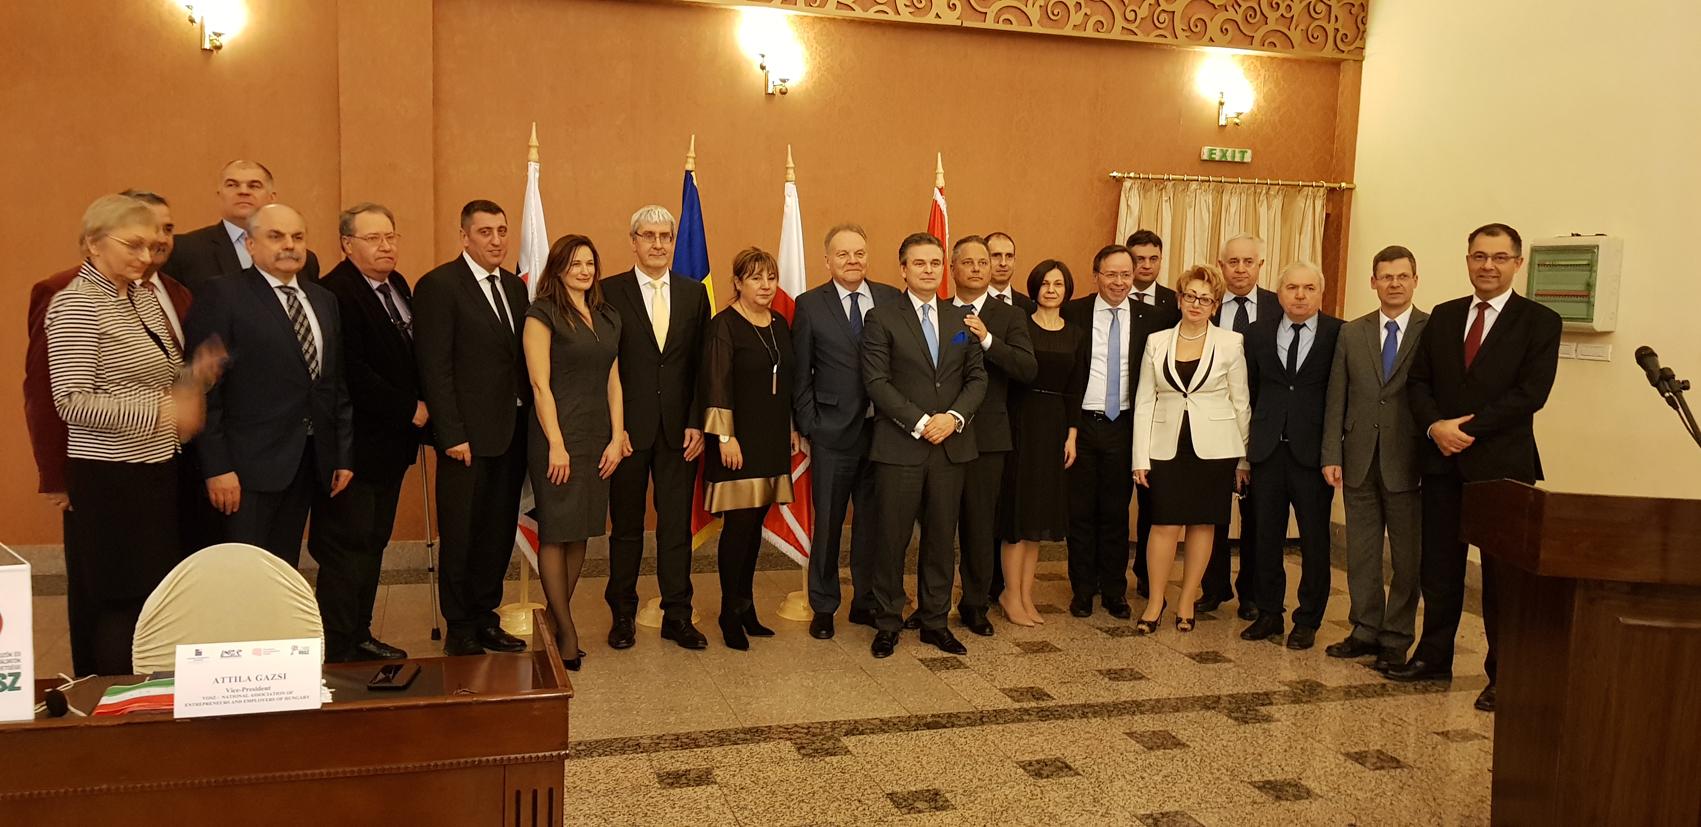 Acord de cooperare semnat între patru confederaţii patronale est-europene Cluj-Napoca 3